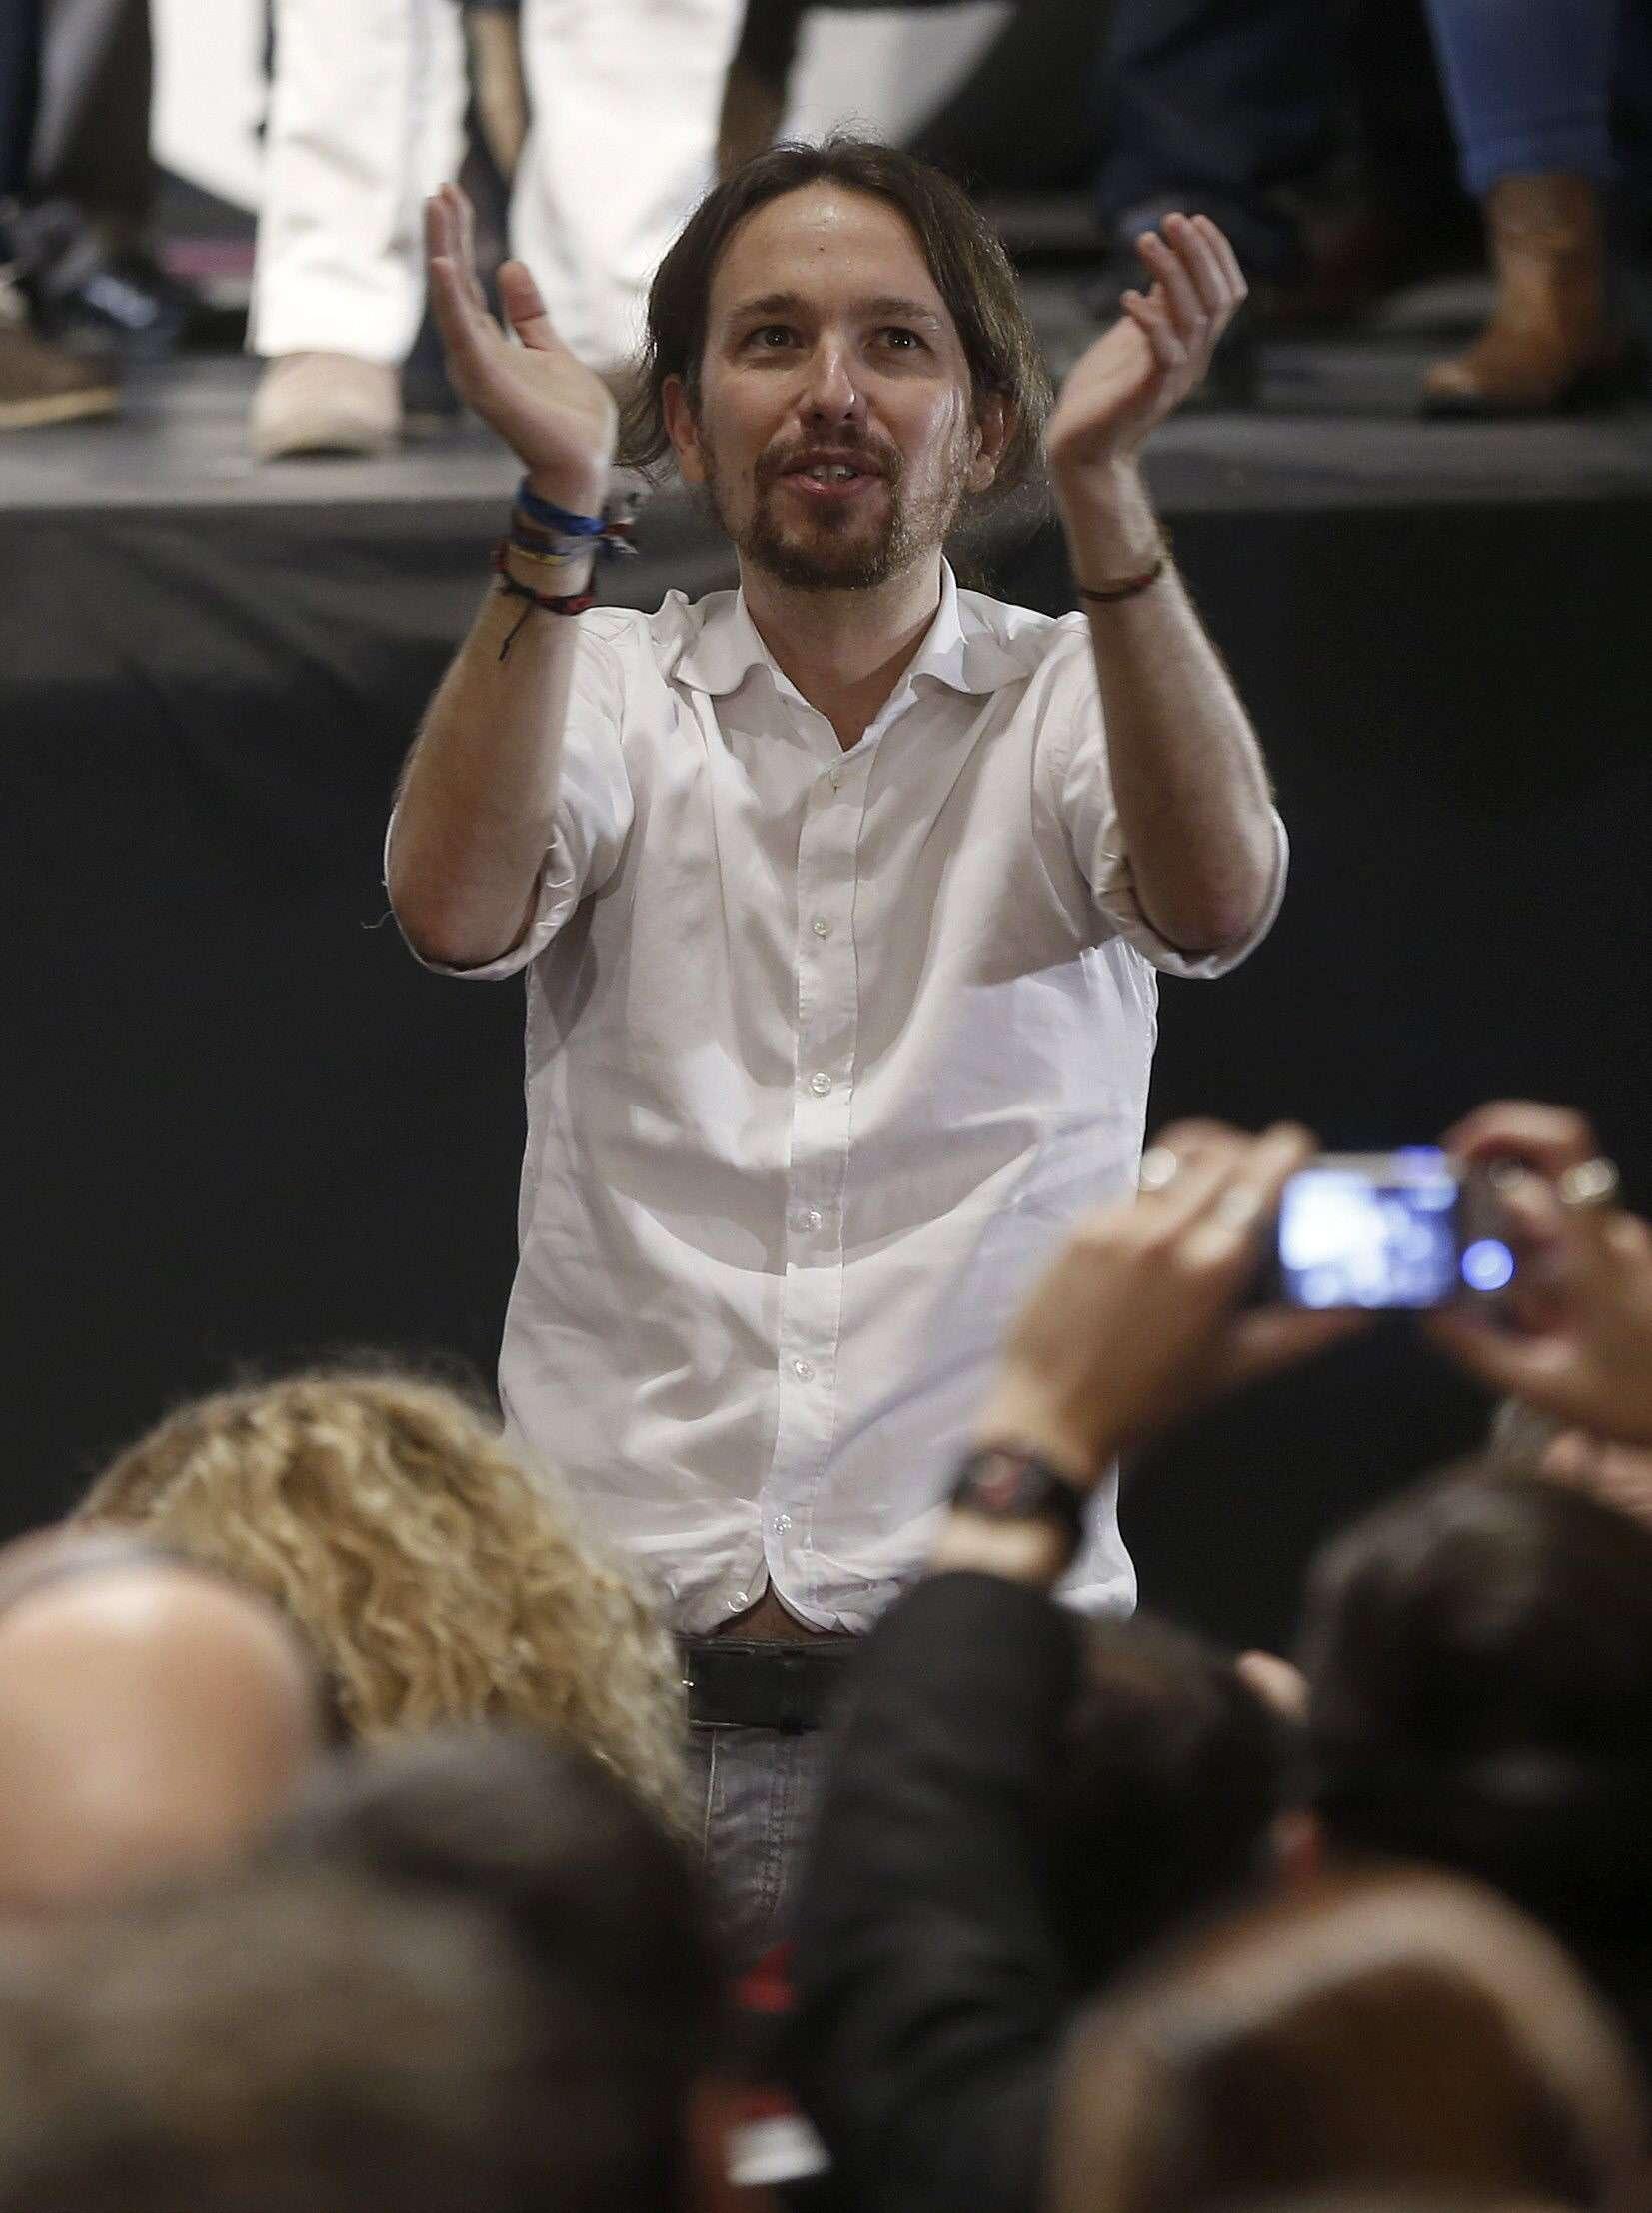 El líder de Podemos, Pablo Iglesias, durante el acto de clausura de la Asamblea Ciudadana en el que han dado a conocer la nueva dirección, hoy en el Teatro Nuevo Apolo de Madrid. Foto: EFE en español